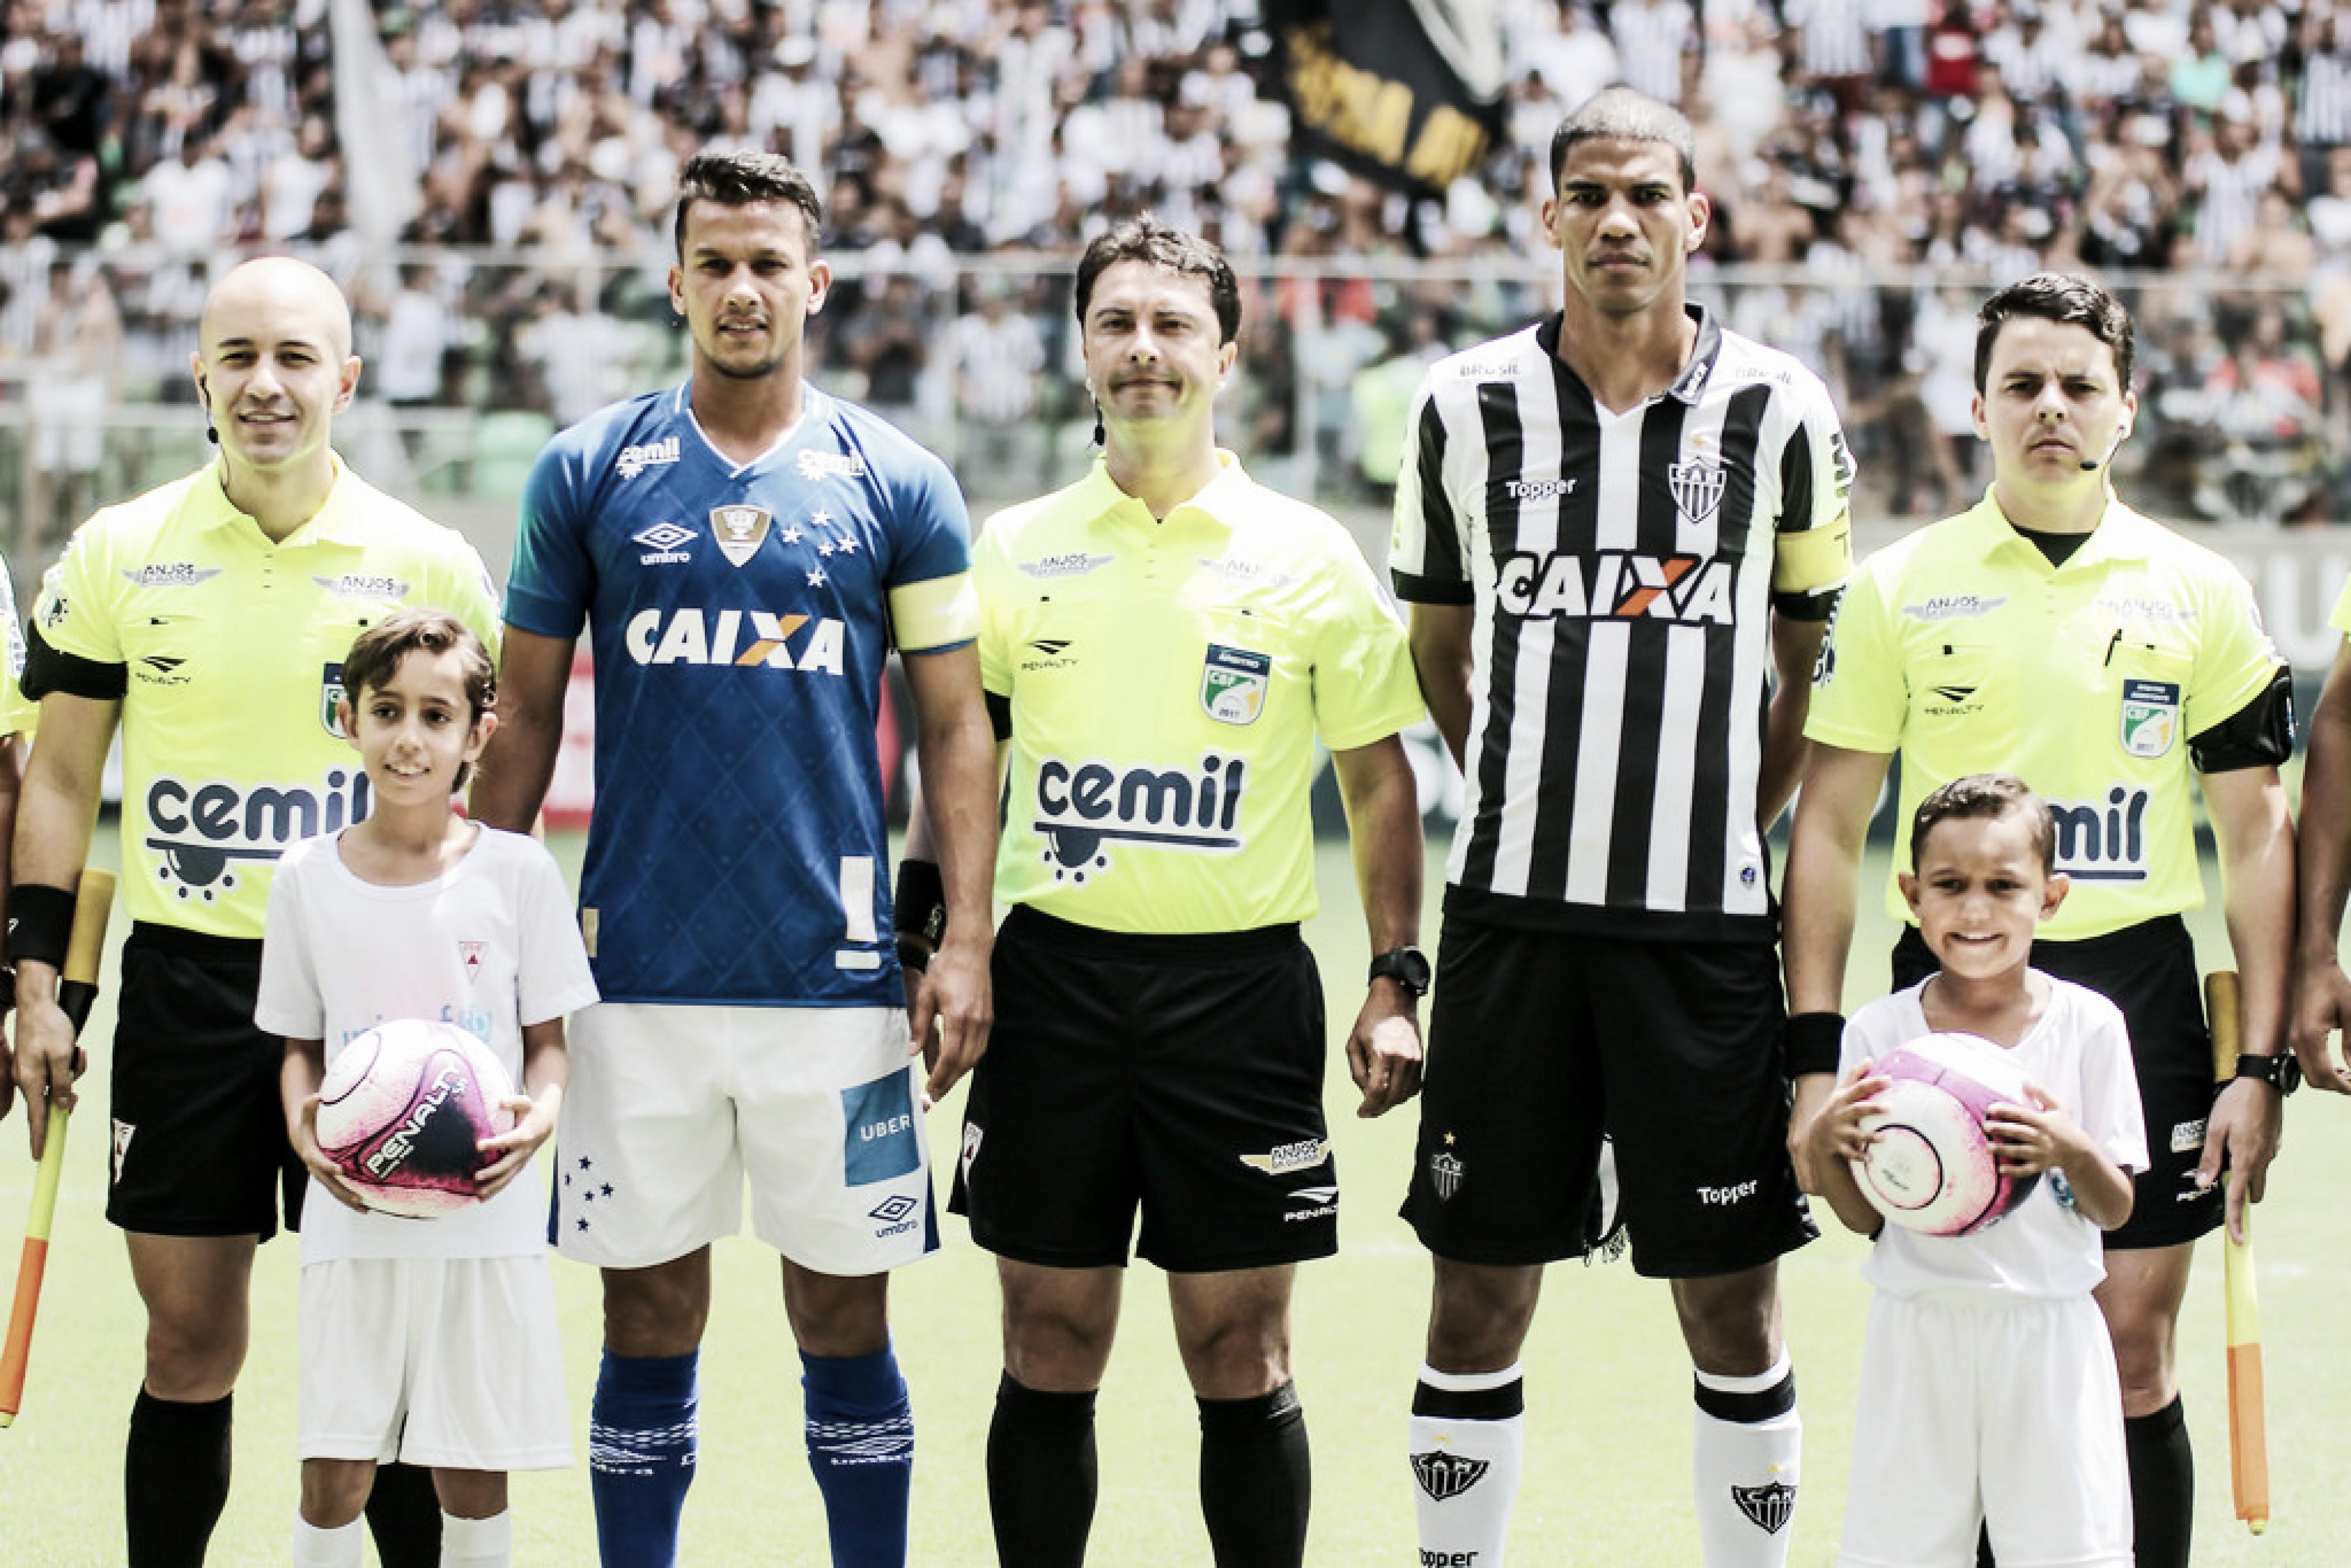 Campeonato Brasileiro: tudo que você precisa saber sobre Cruzeiro x Atlético-MG